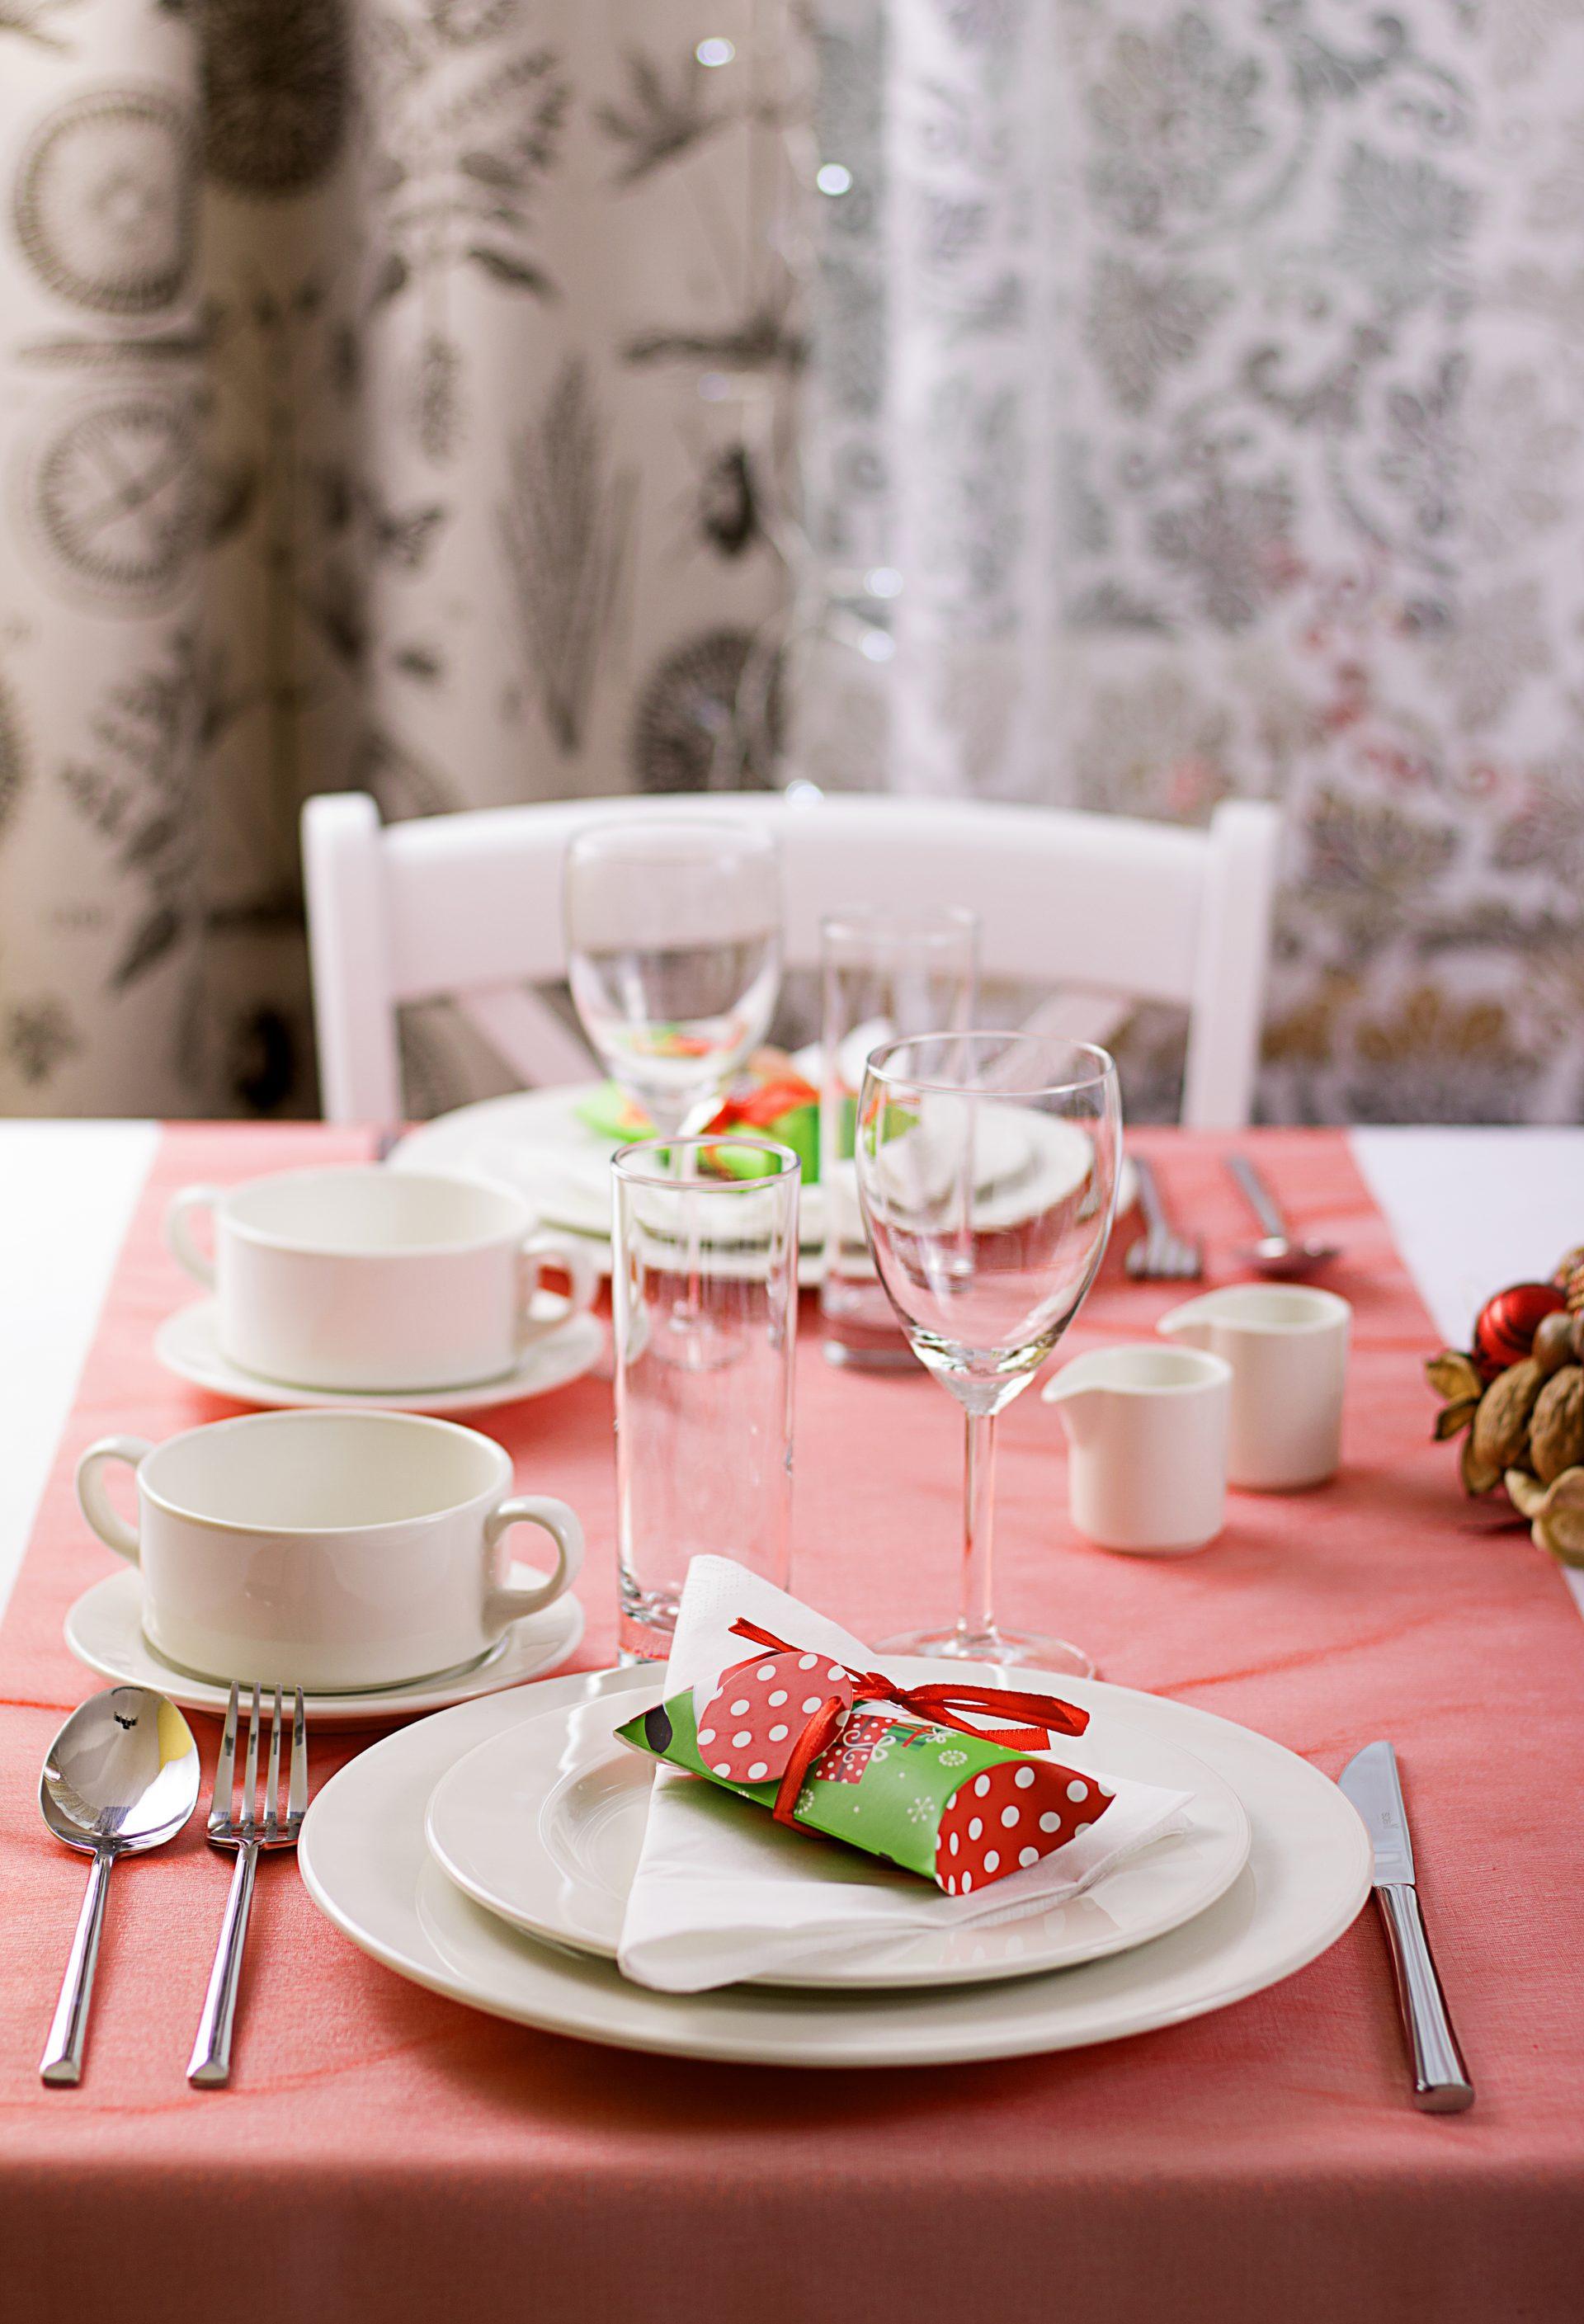 Świąteczna dekoracja stołu na Wigilię - czerwona